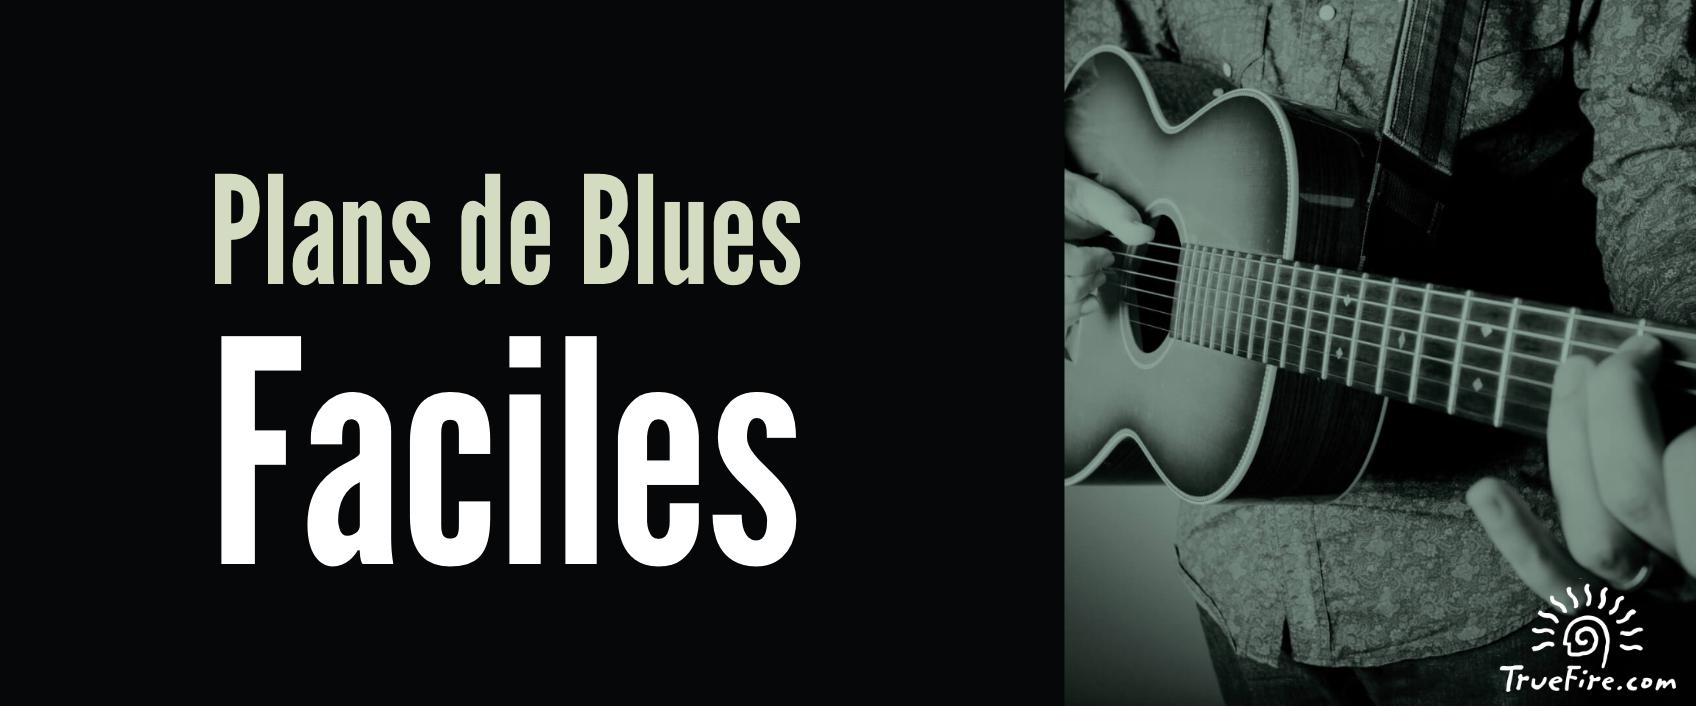 [Débutants] Les plans de blues à connaître